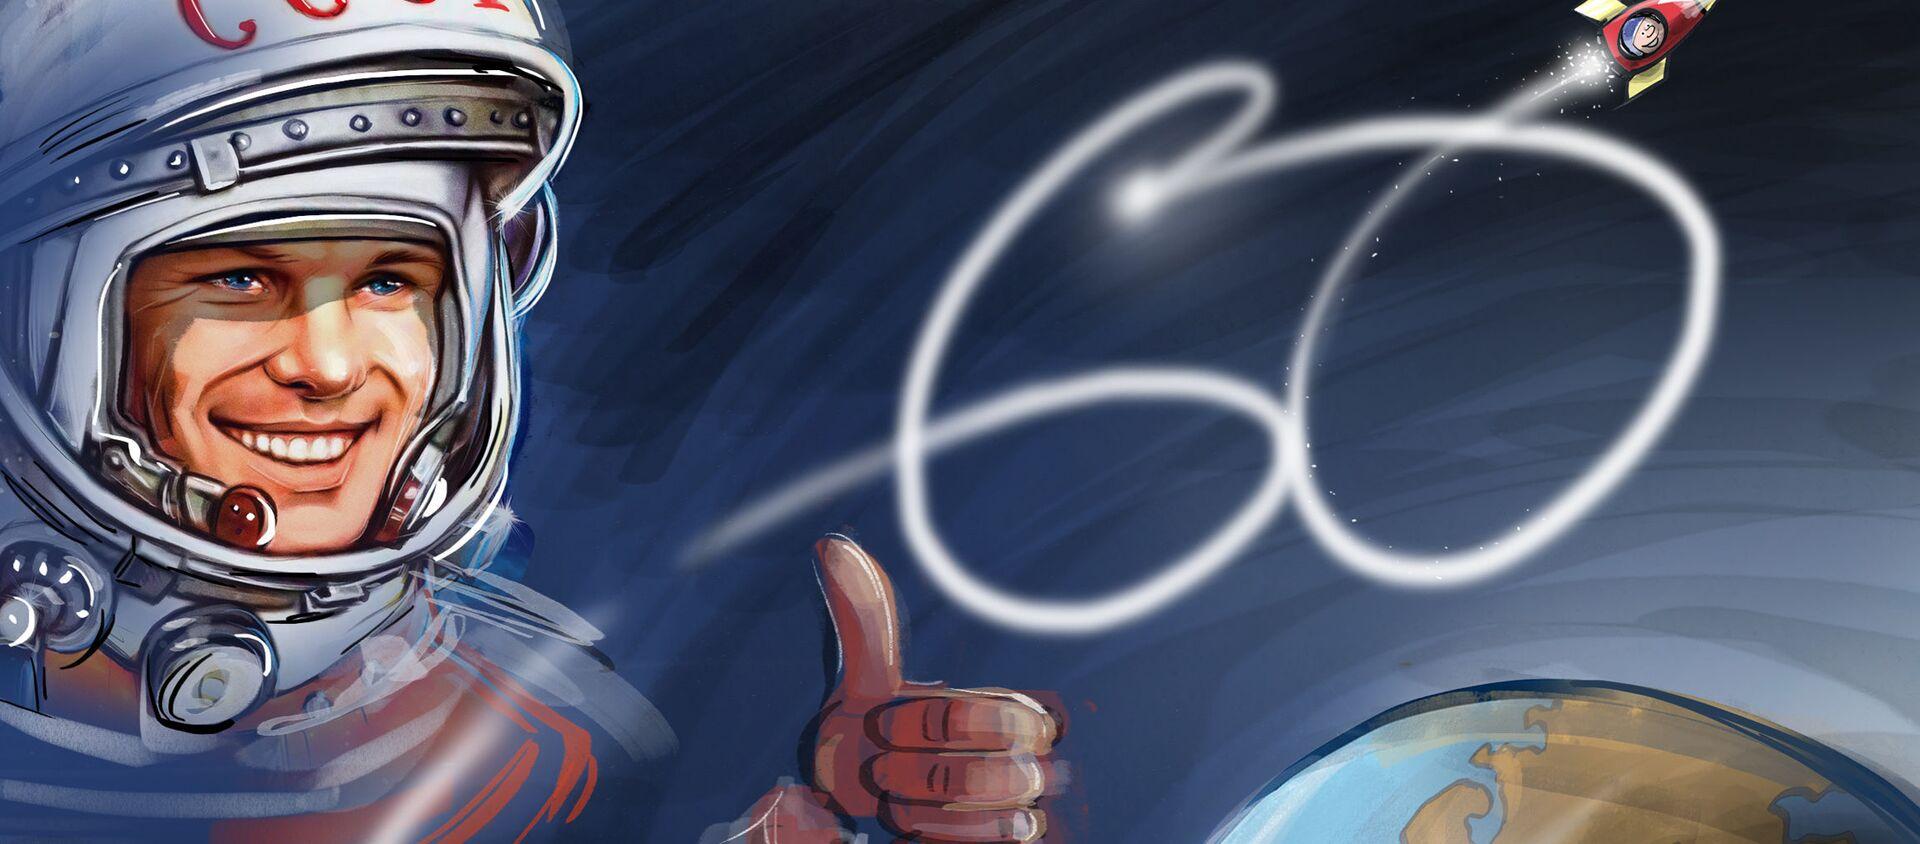 Yuri Gagarin, 60 anni fa il primo uomo nello spazio - Sputnik Italia, 1920